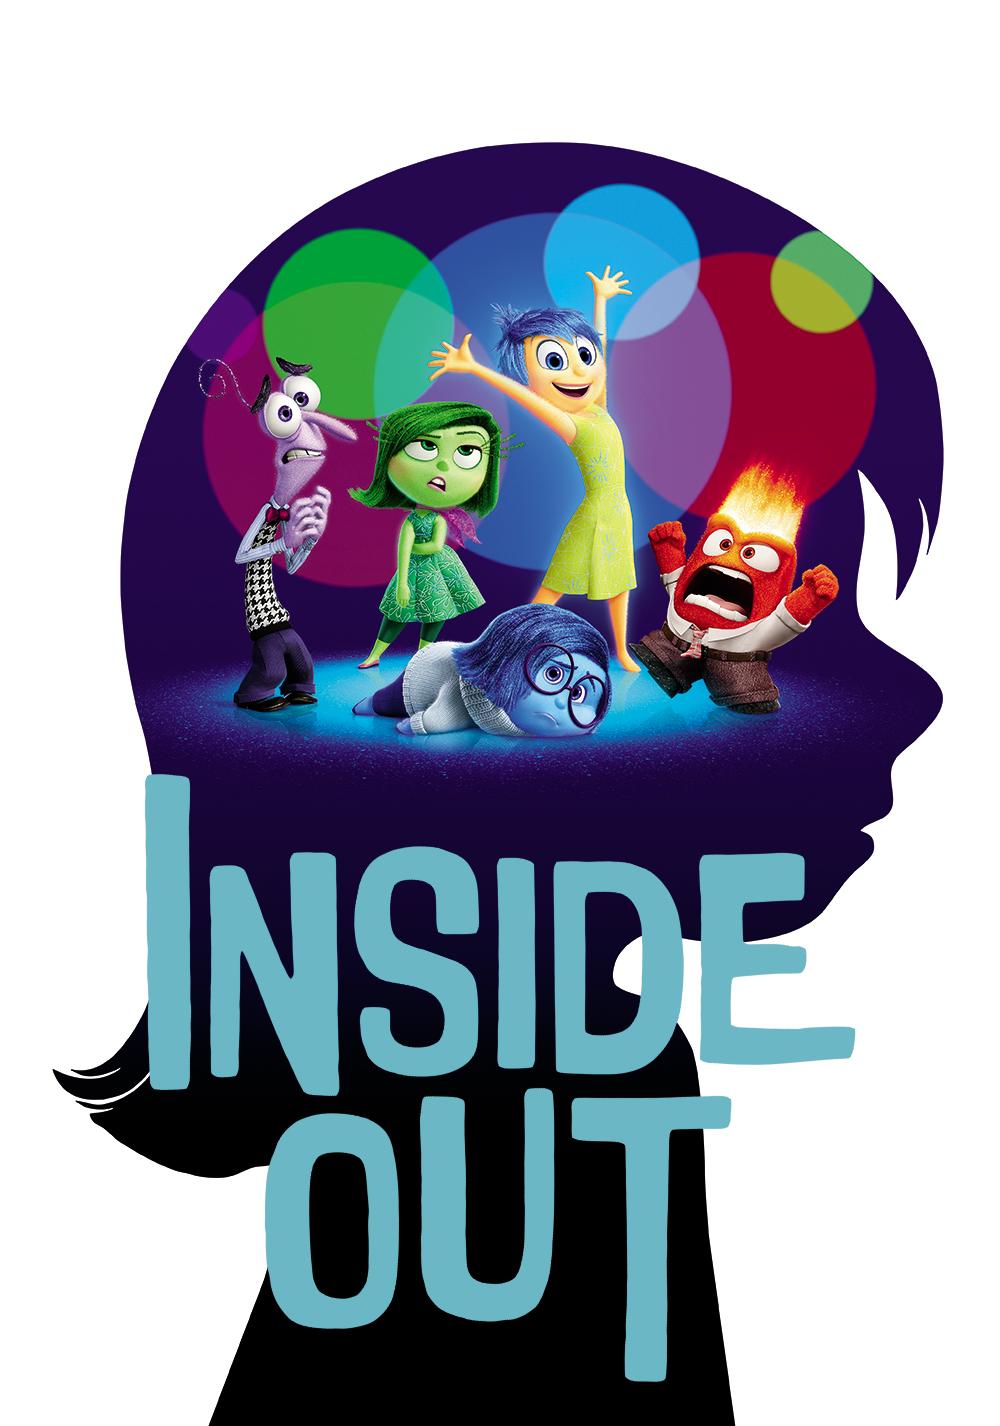 inside-out-5492d0c4e3912.jpg